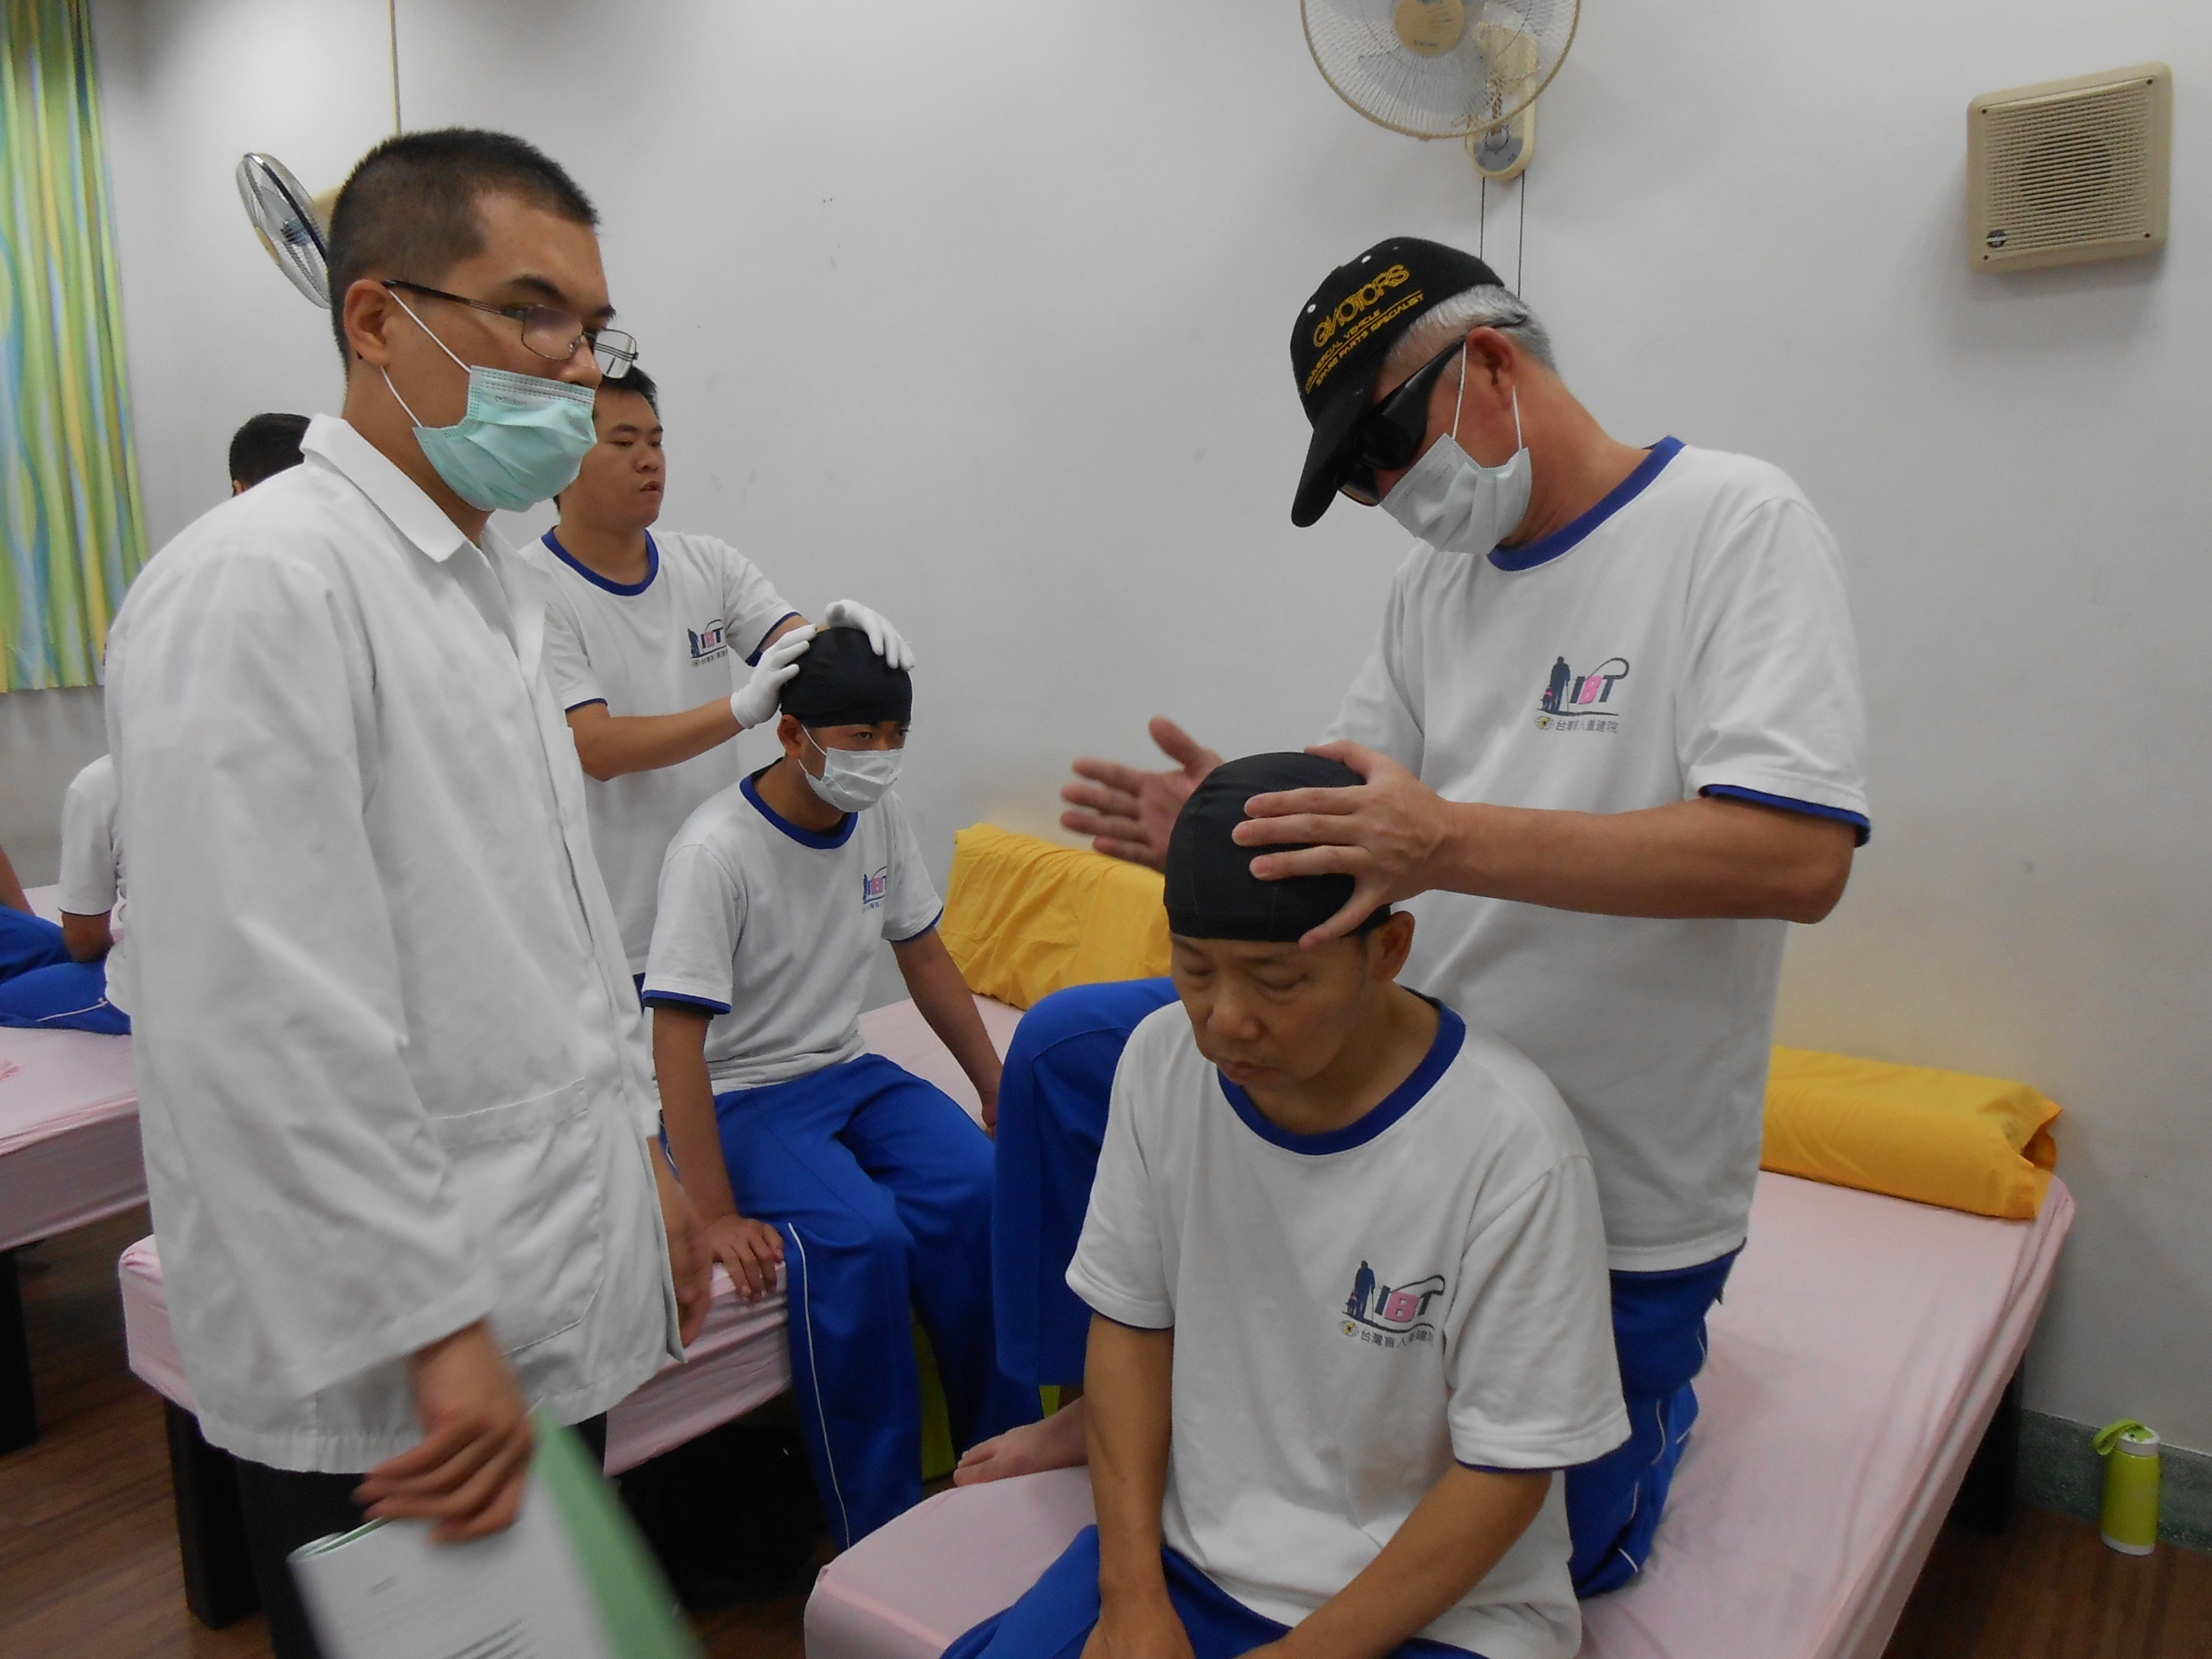 課堂練習頭部按摩